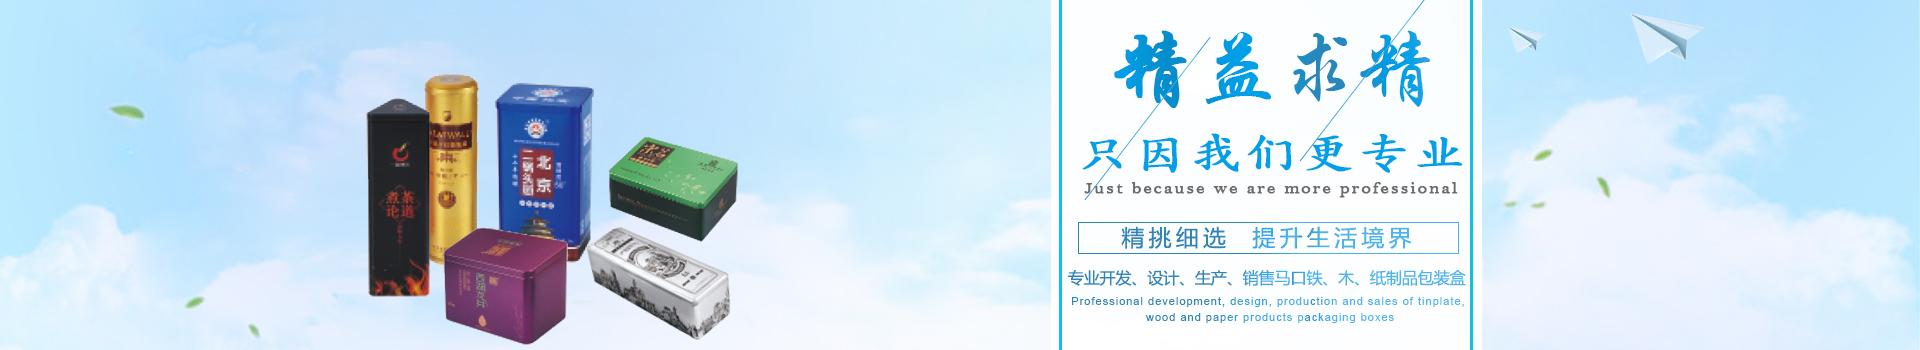 東莞市豐元制罐有限公司